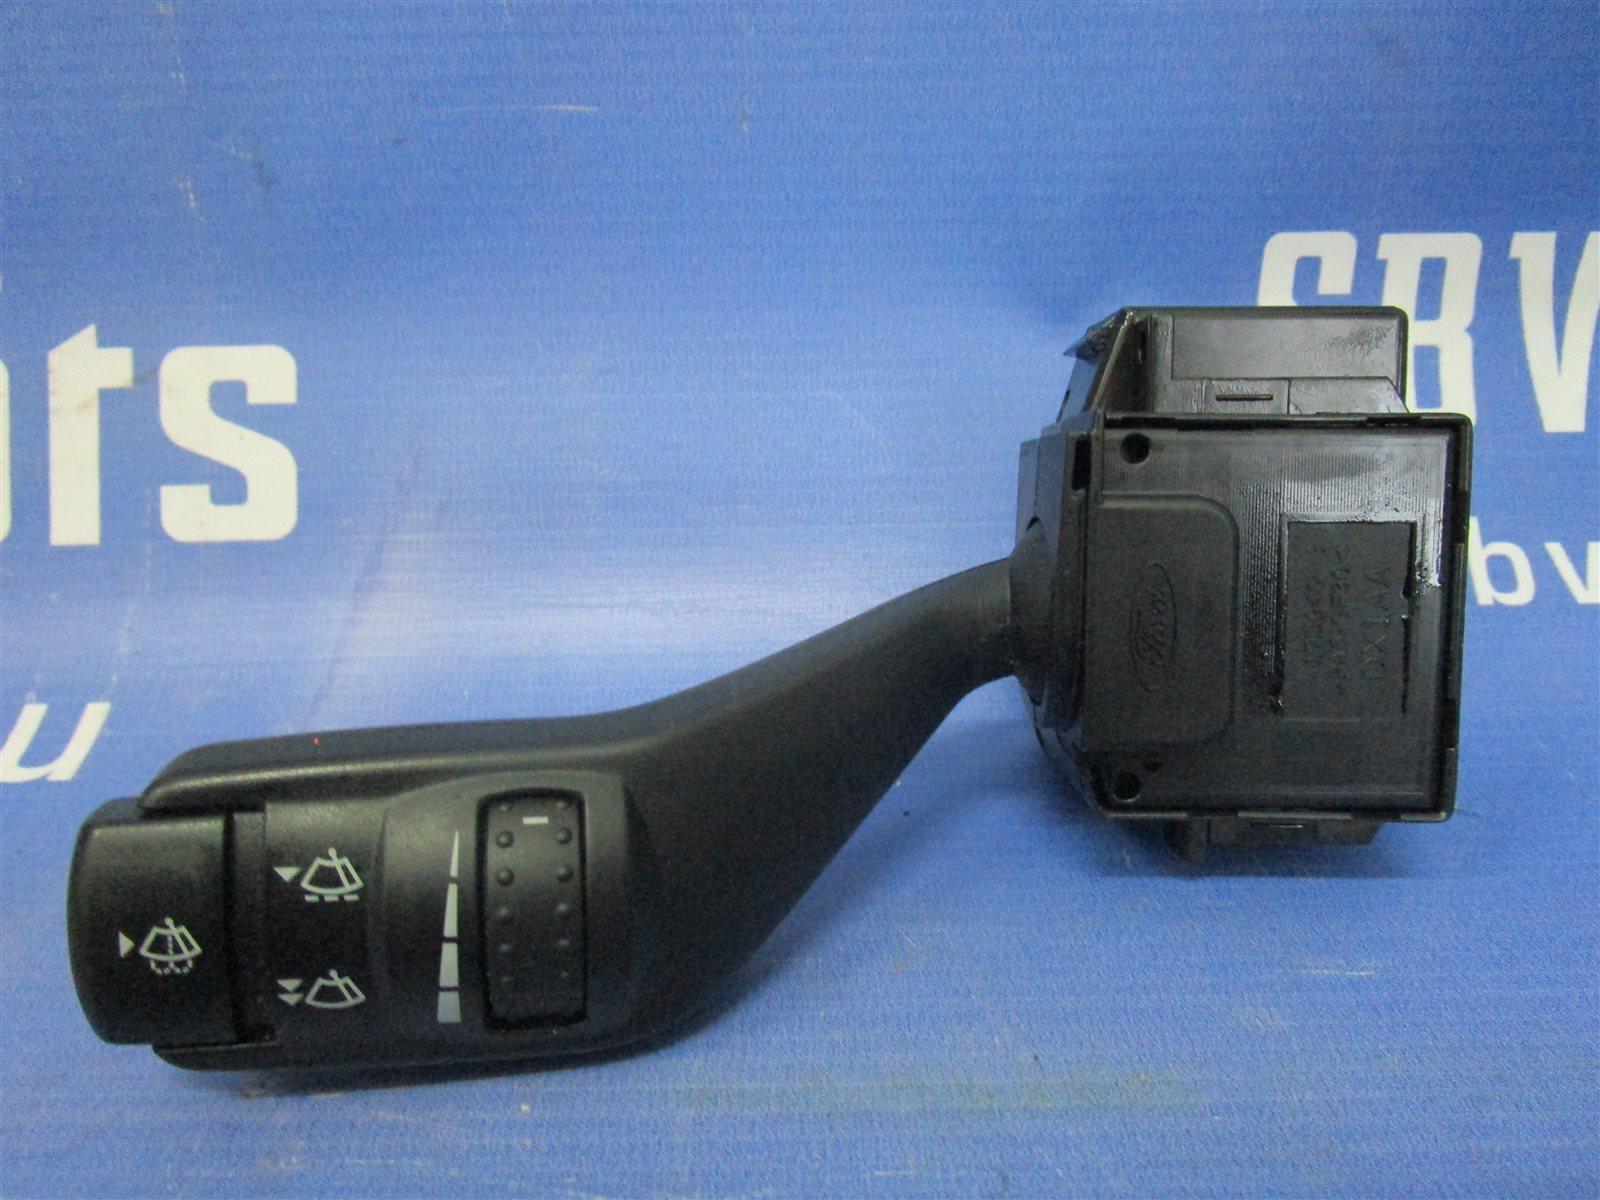 Переключатель дворников Ford Focus HATCH 1.6 DURATEС 100 ЛС 2009г.